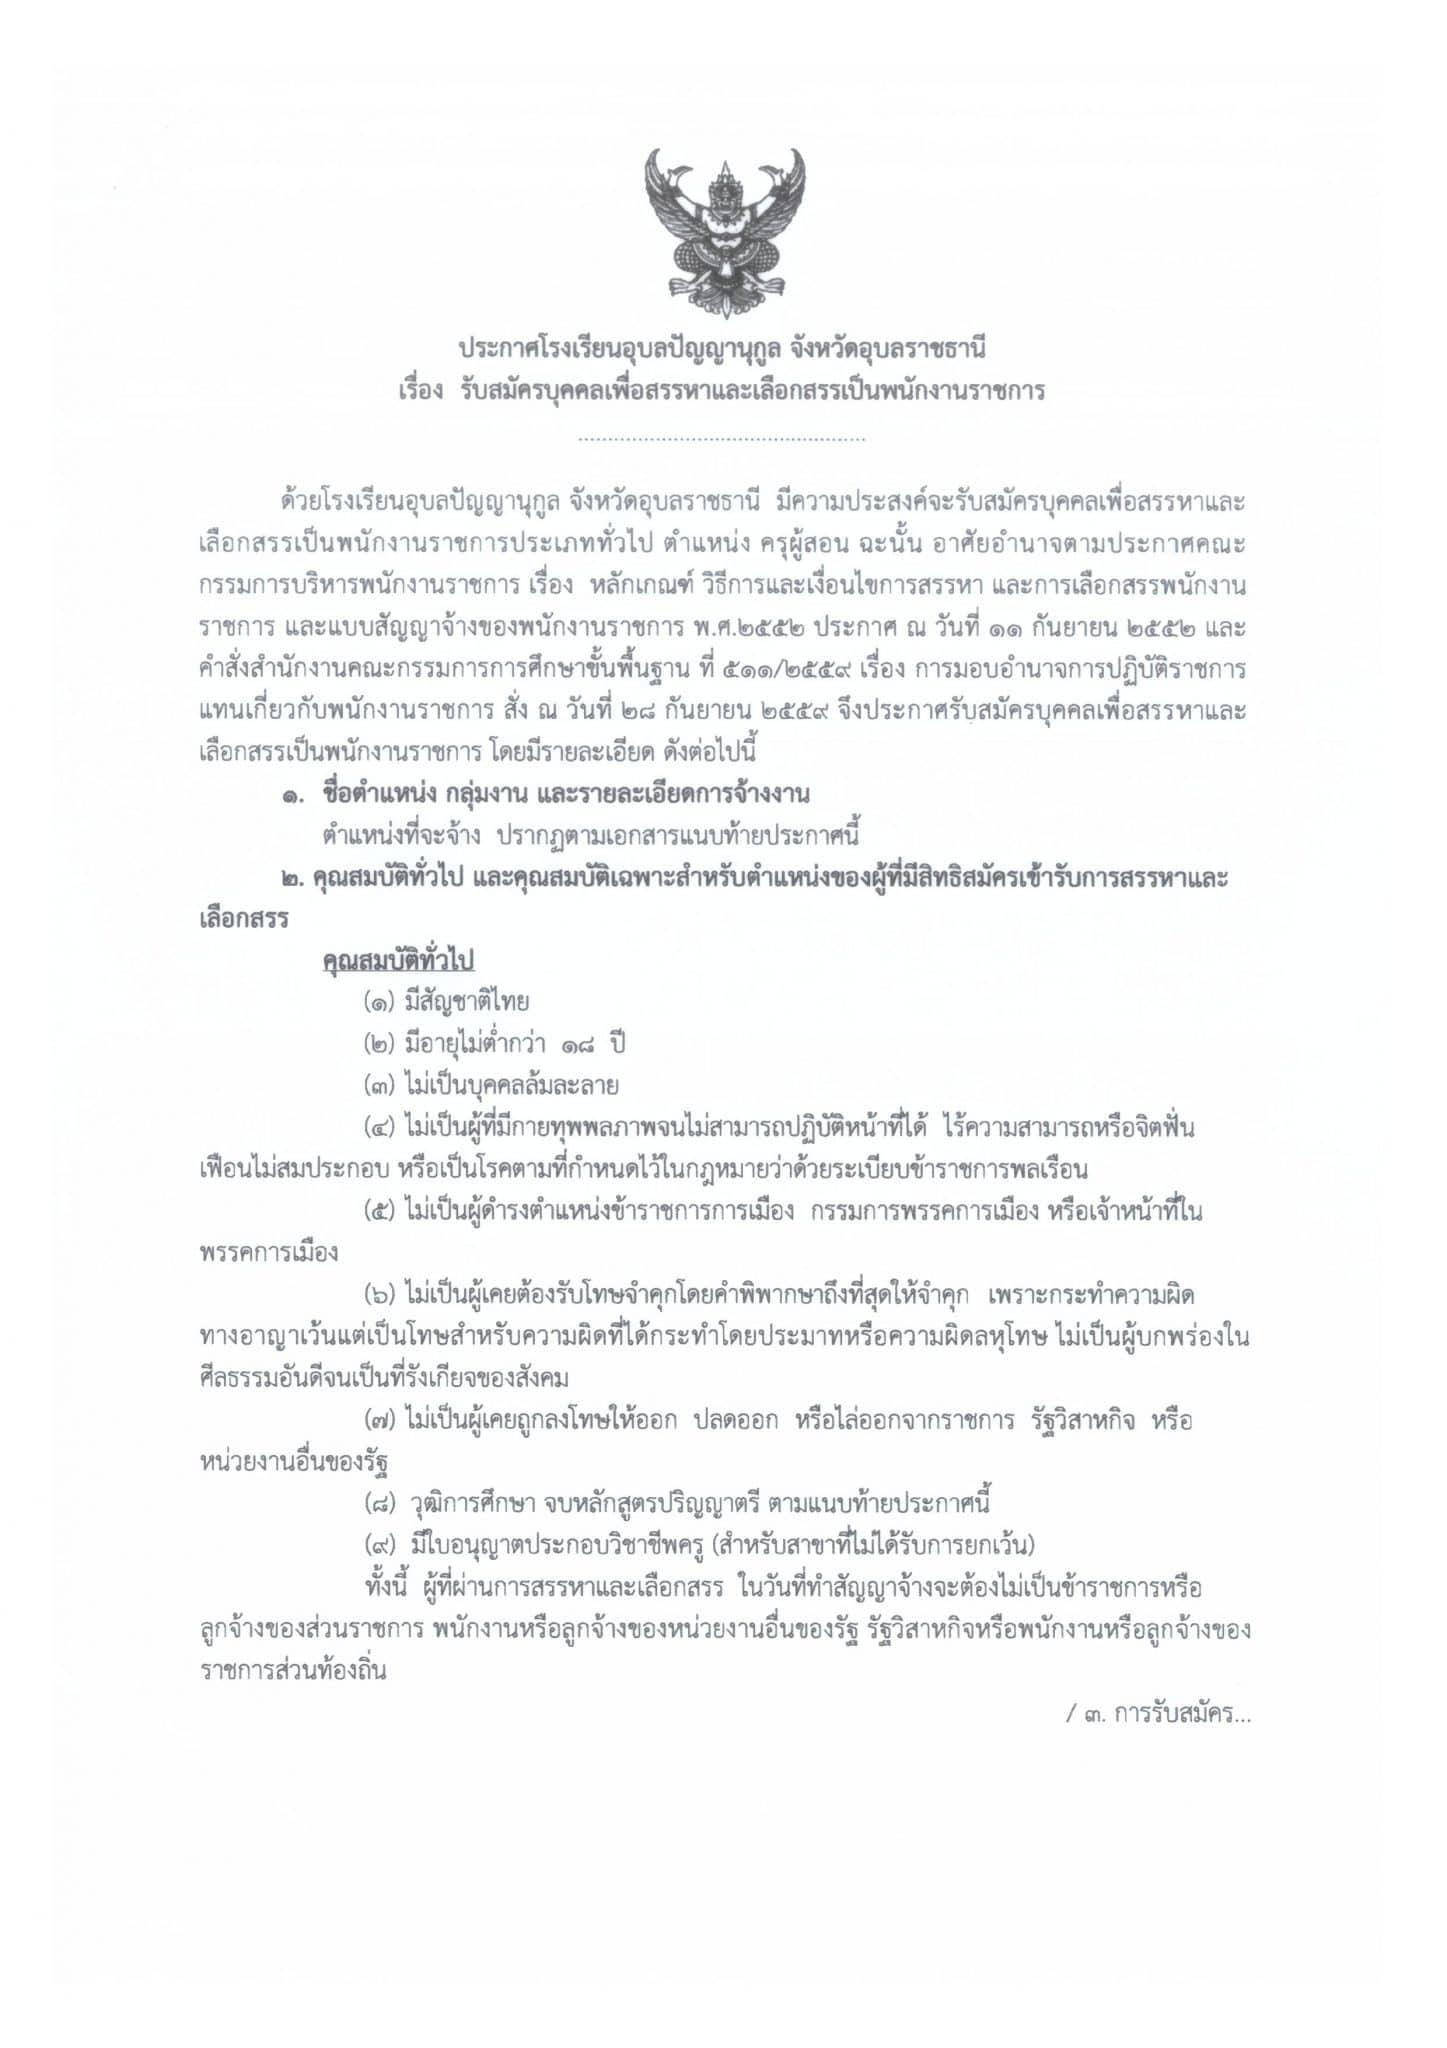 โรงเรียนอุบลปัญญานุกูล เปิดสอบพนักงานราชการครู 9 อัตรา สมัคร 14-22 ตุลาคม 2563